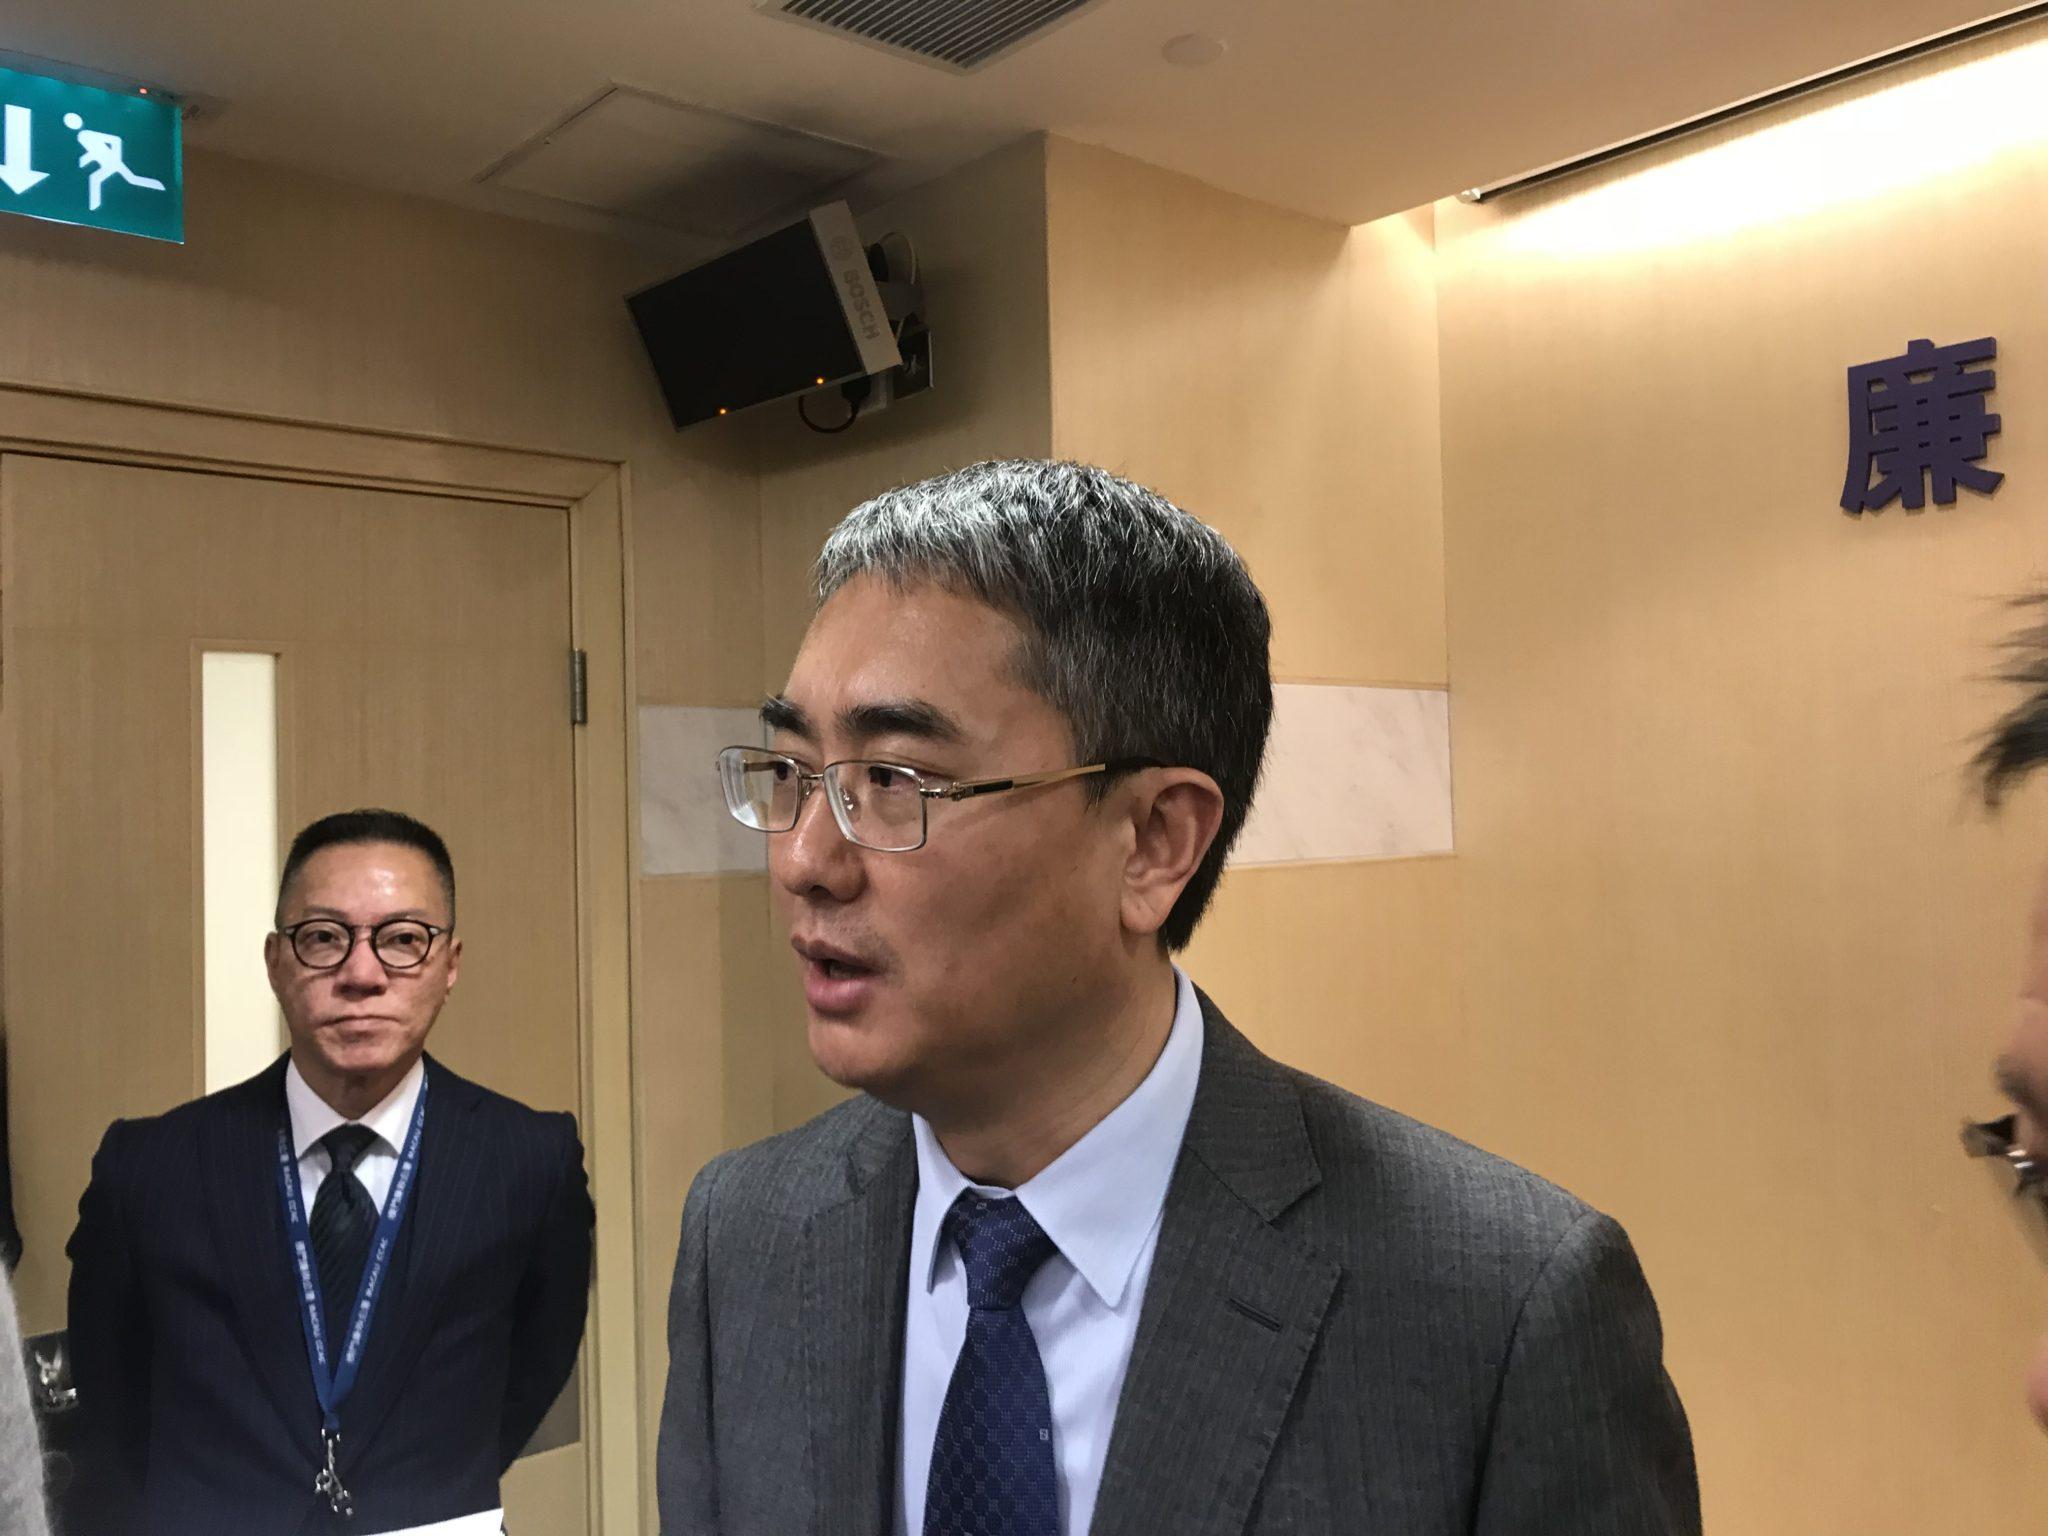 Administração | Fusão da DSEJ e DSES arranca em Fevereiro